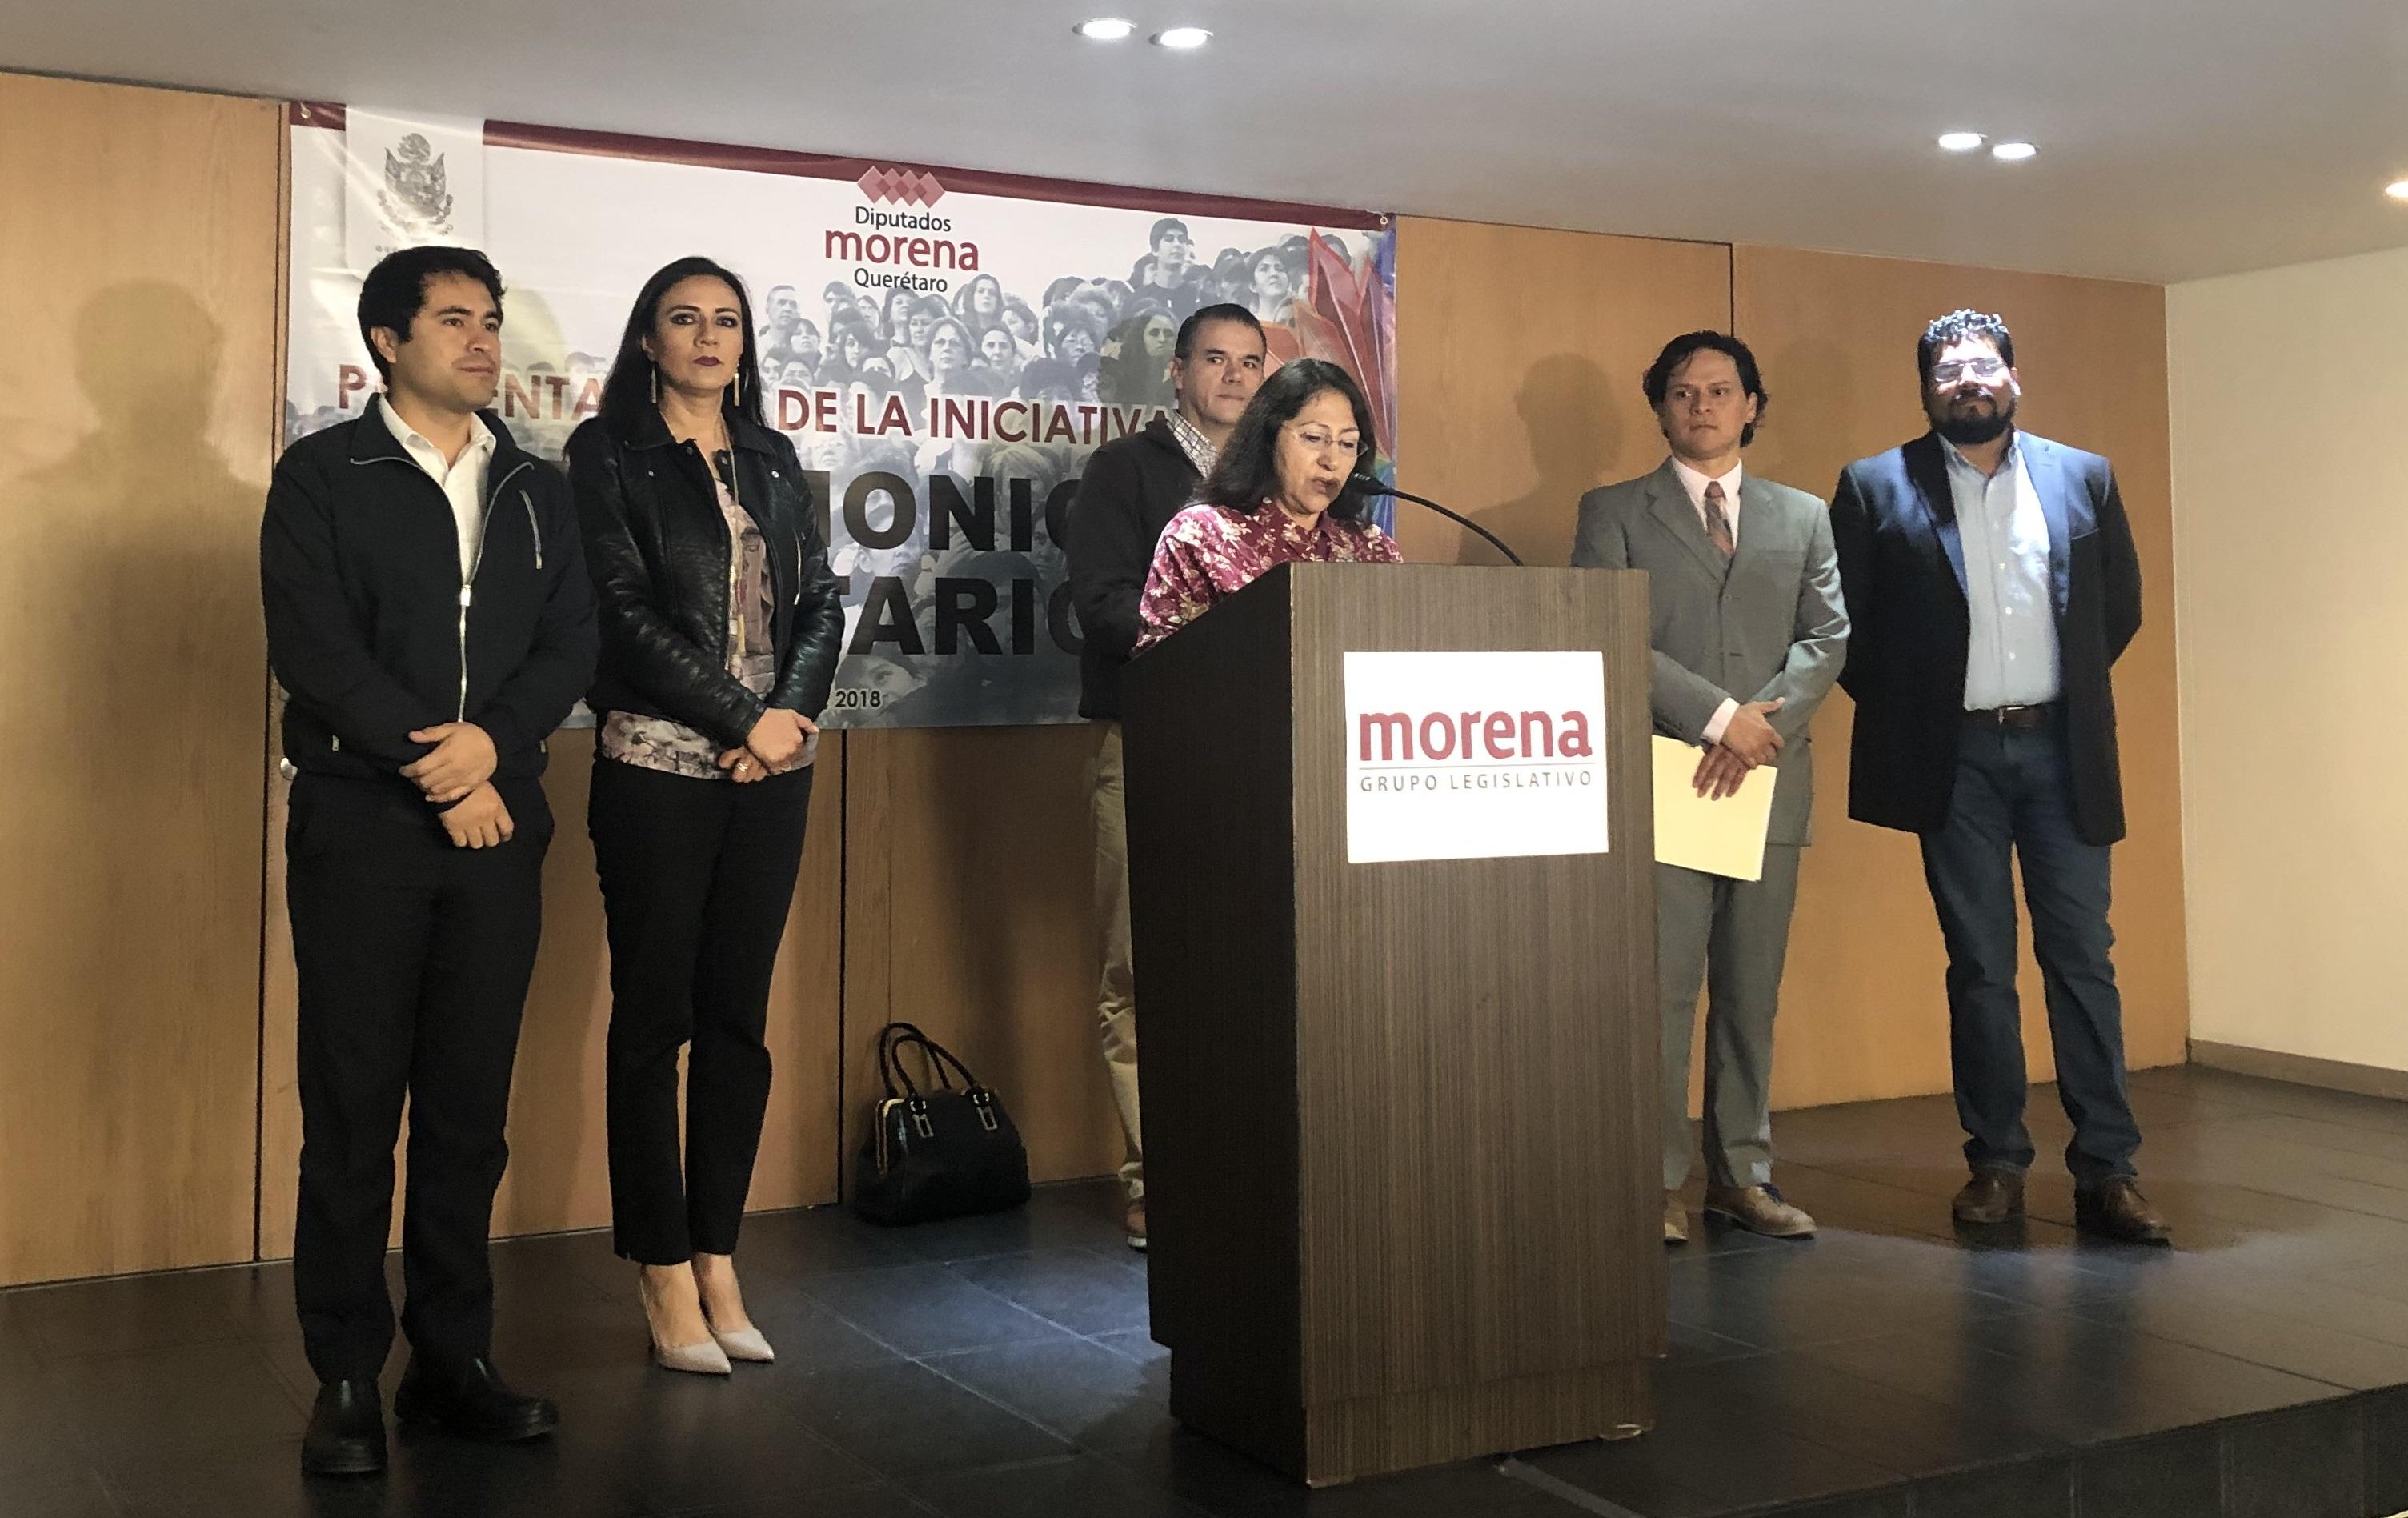 Morena vuelve a la carga: presenta iniciativa para implementar el matrimonio igualitario